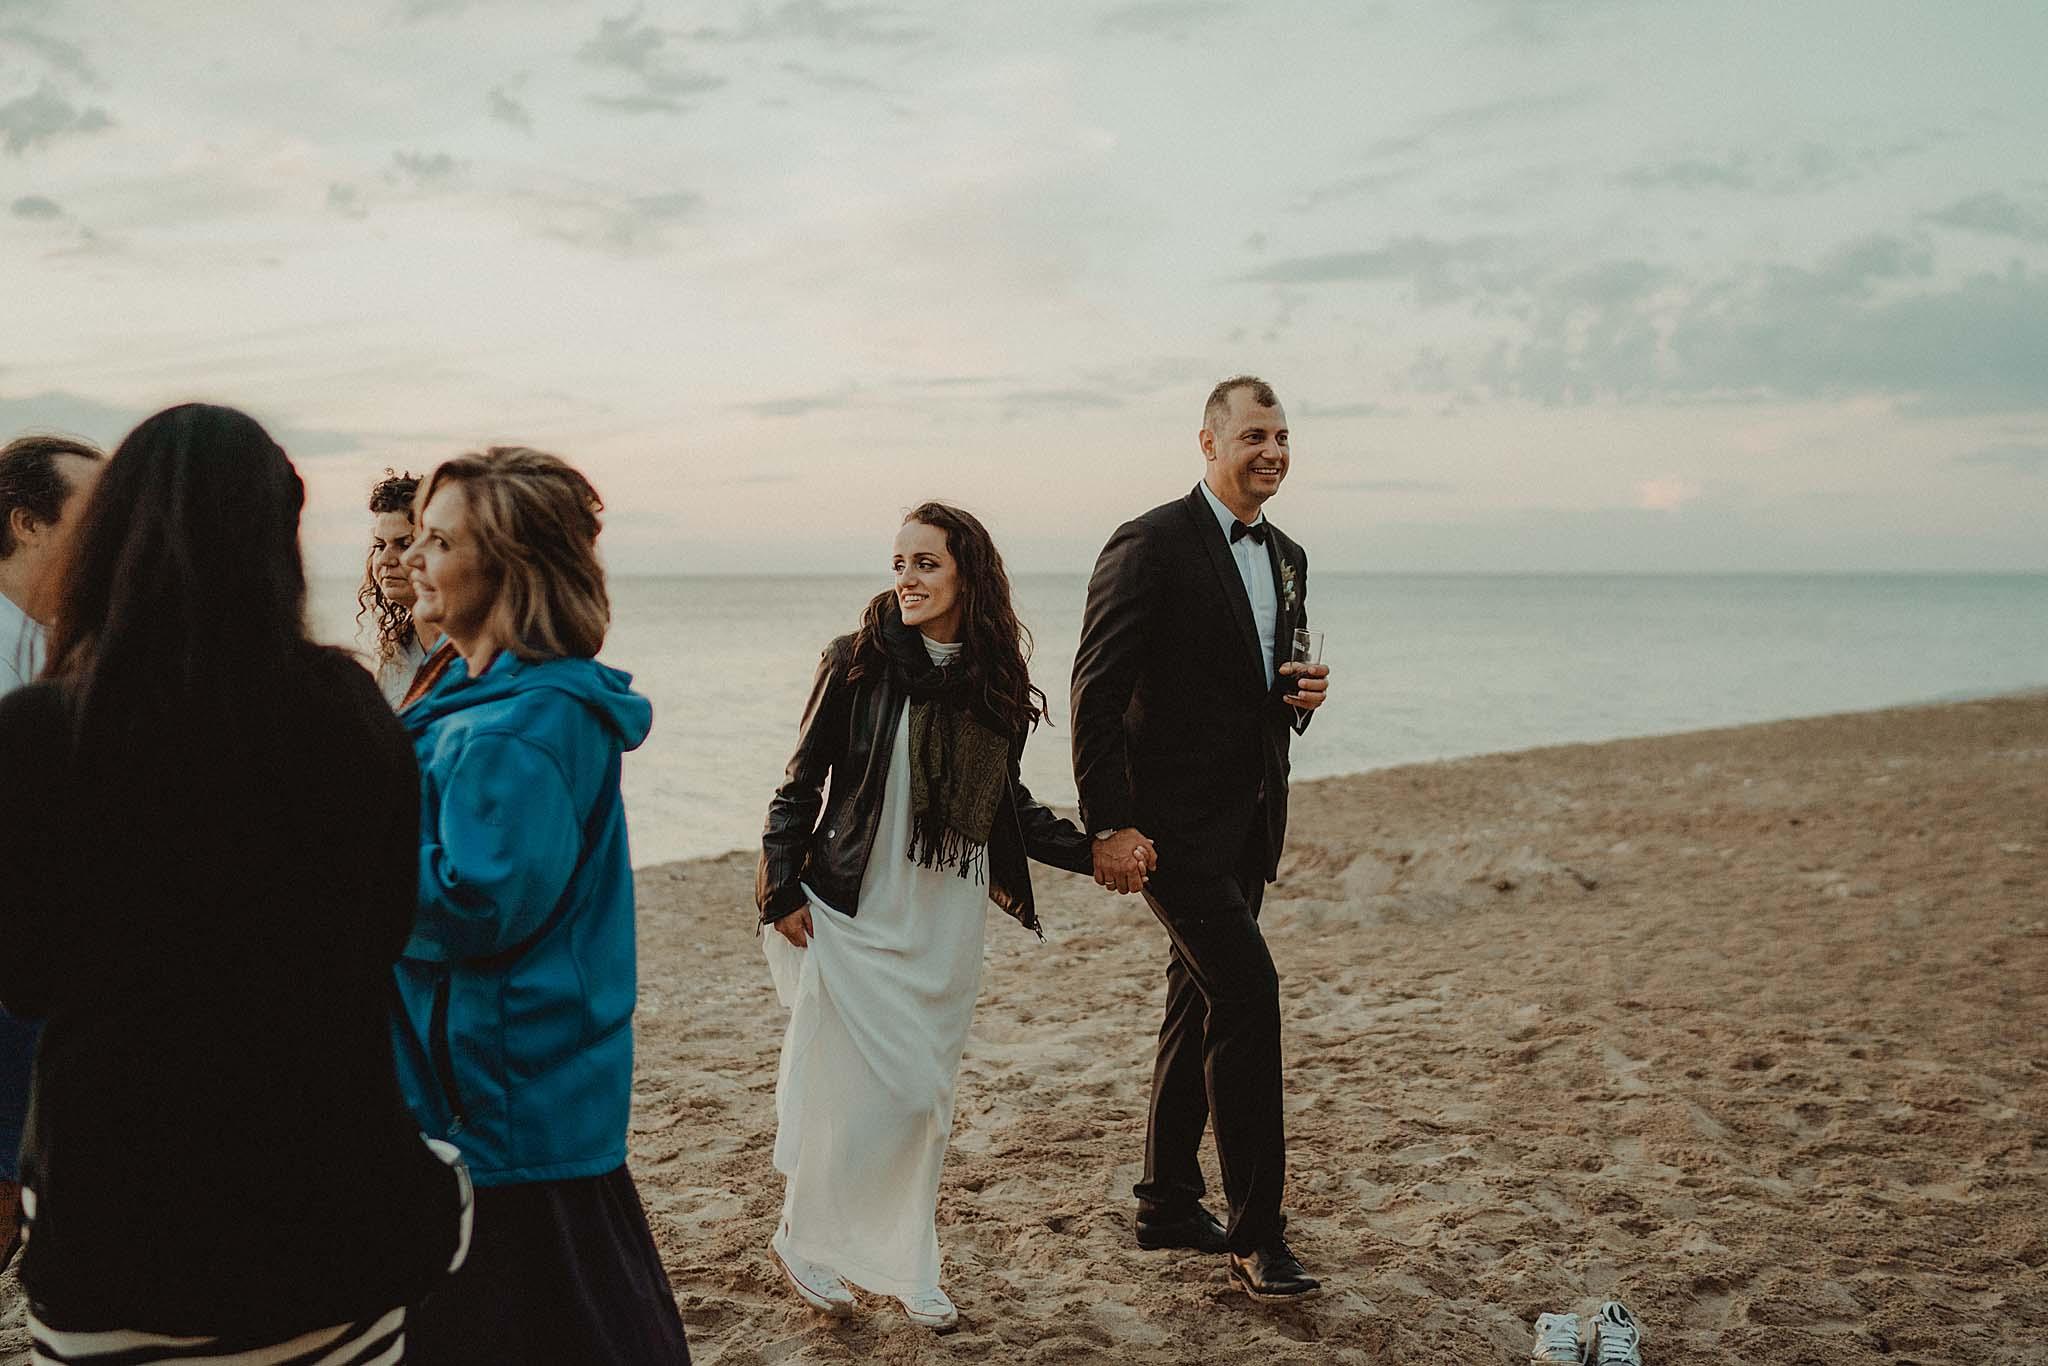 Сватбен фотограф, сватбена фотография, сватбена фотосесия, фотограф за сватба, снимки на сватба, сватбени снимки, сватба, снимки, фотограф, сватба във Варна, сватба в София, сватба в Балчик, сватбени снимки, професионален фотограф, сватба в България, бохо сватба, горска сватба, морска сватба, сватба на морето, сватба в планината, сватбена церемония, различна сватба, нетрадиционна сватба, фотограф събития, следсватбена фотосесия, фотосесия след сватбата, предсватбена фотосесия, малка сватба